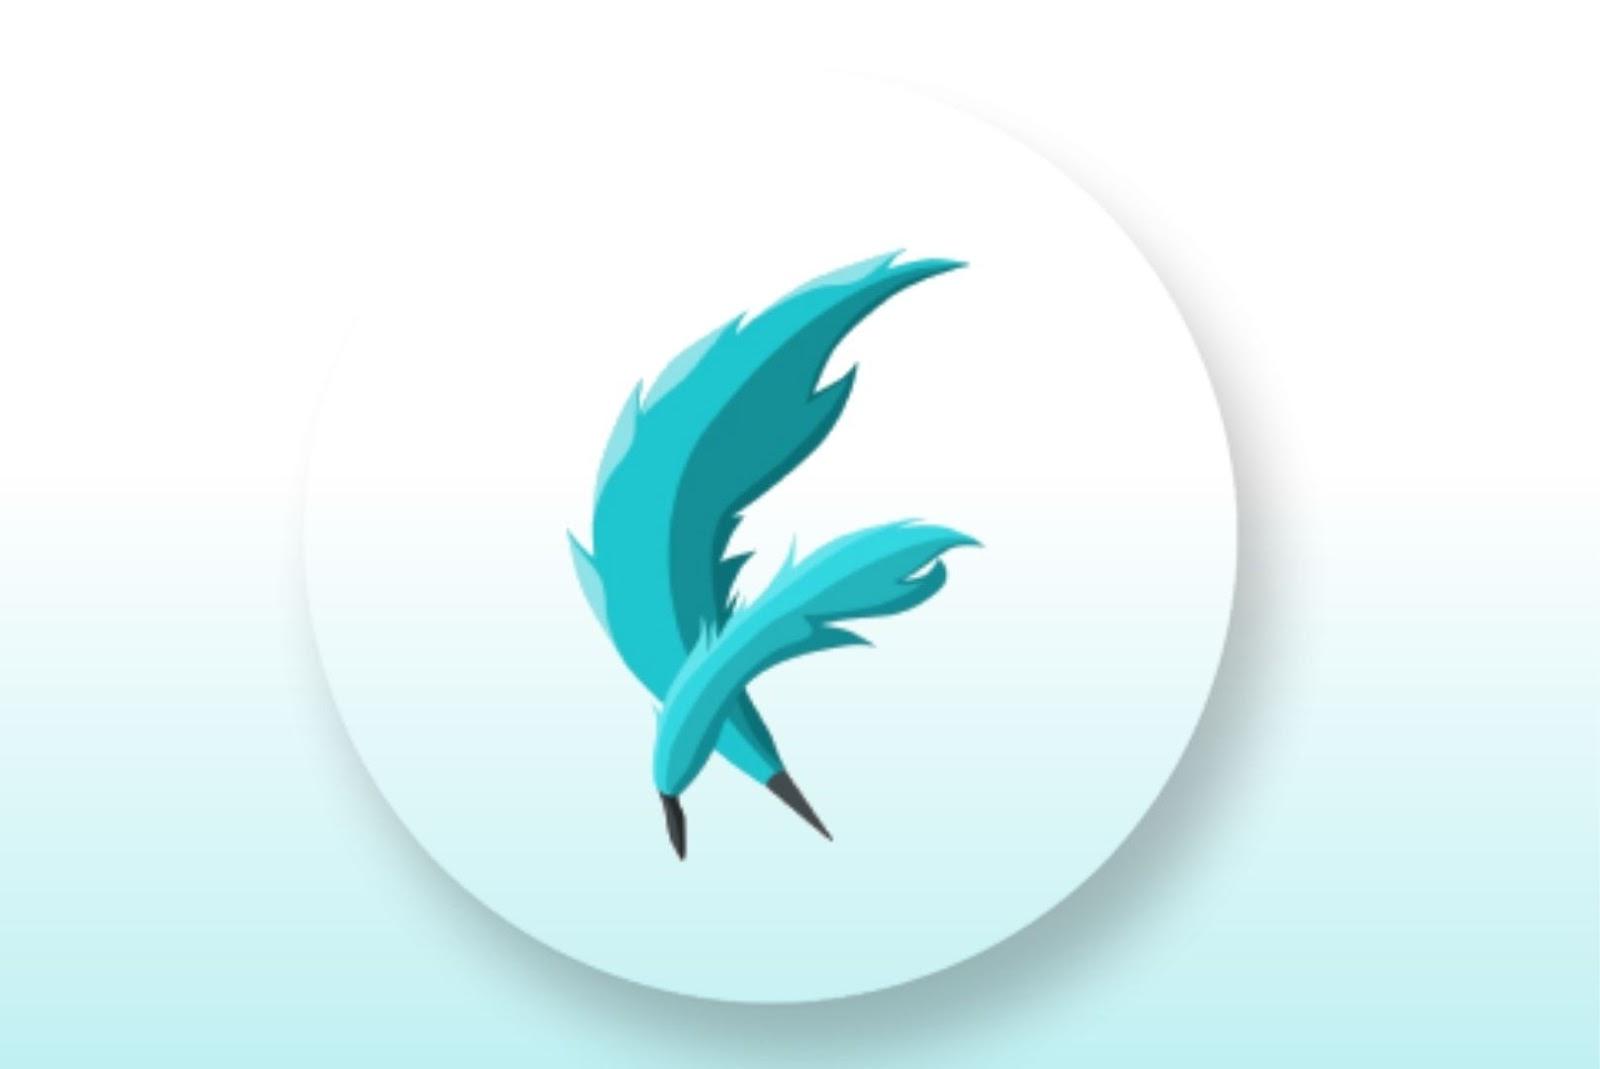 Panache Flutter app development tools